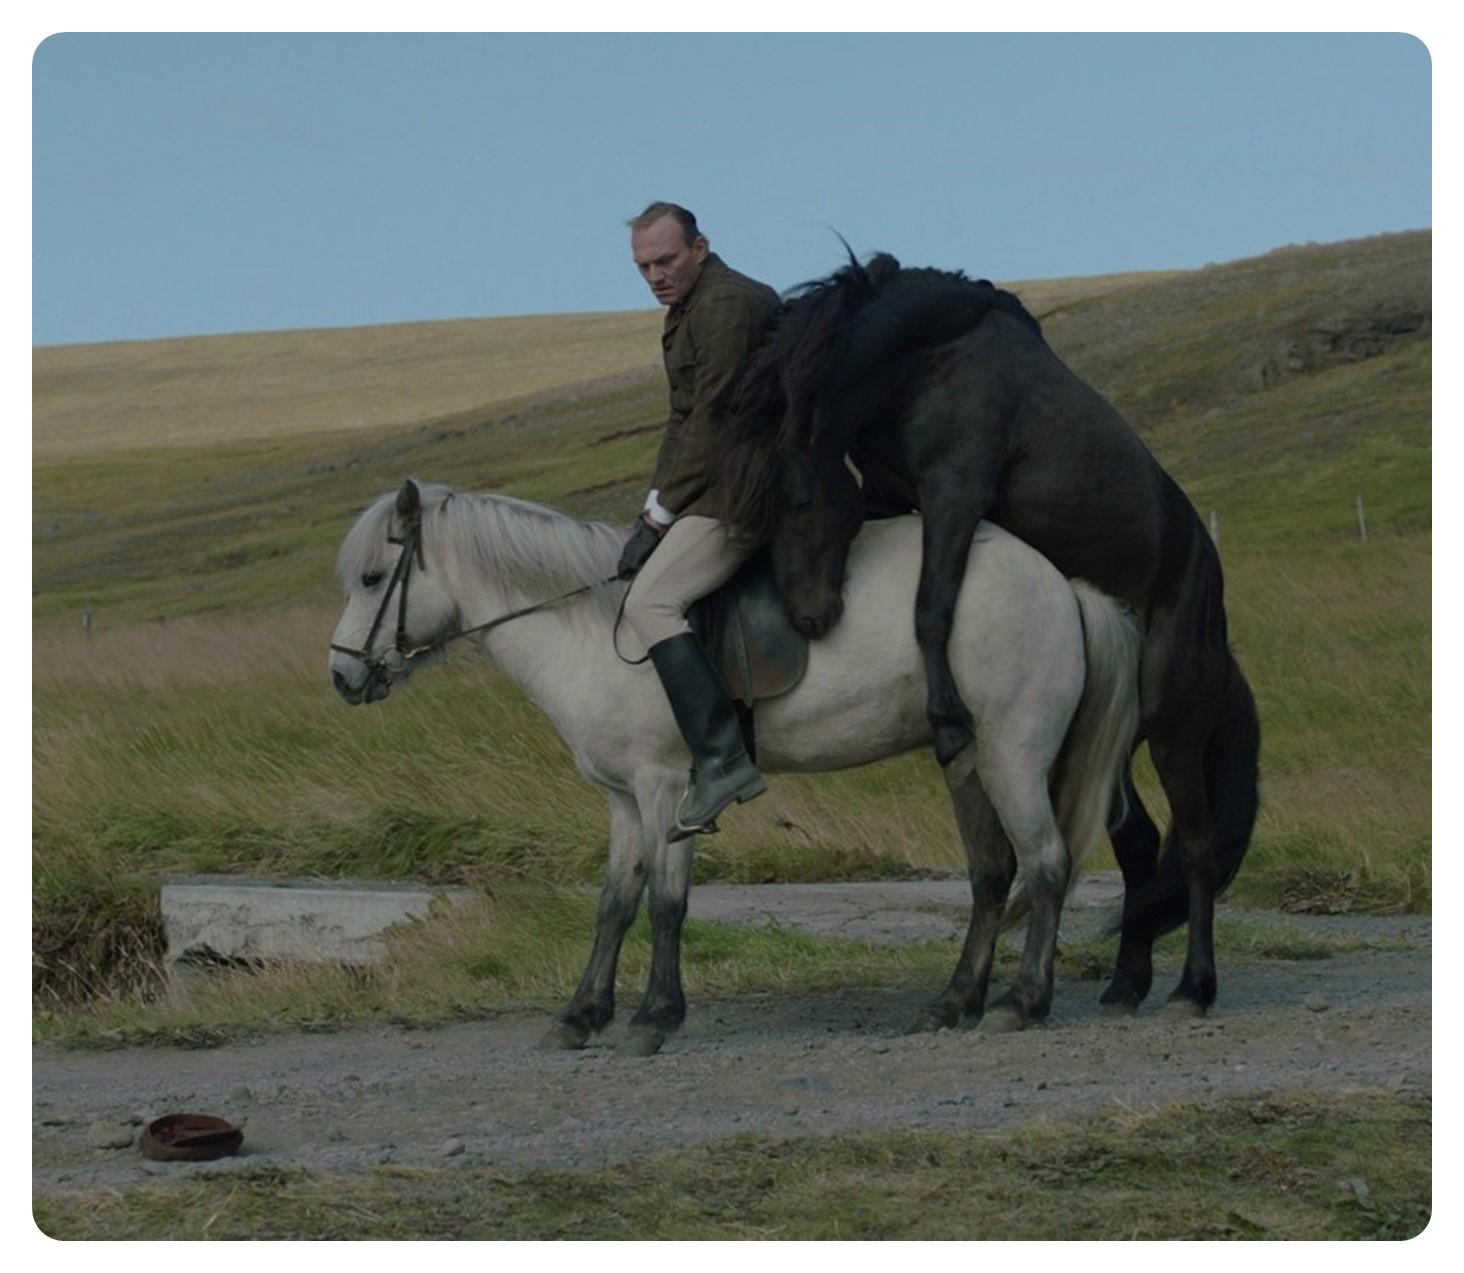 Storie di cavalli e di uomini 2013 recensione for Immagini cavalli stilizzati